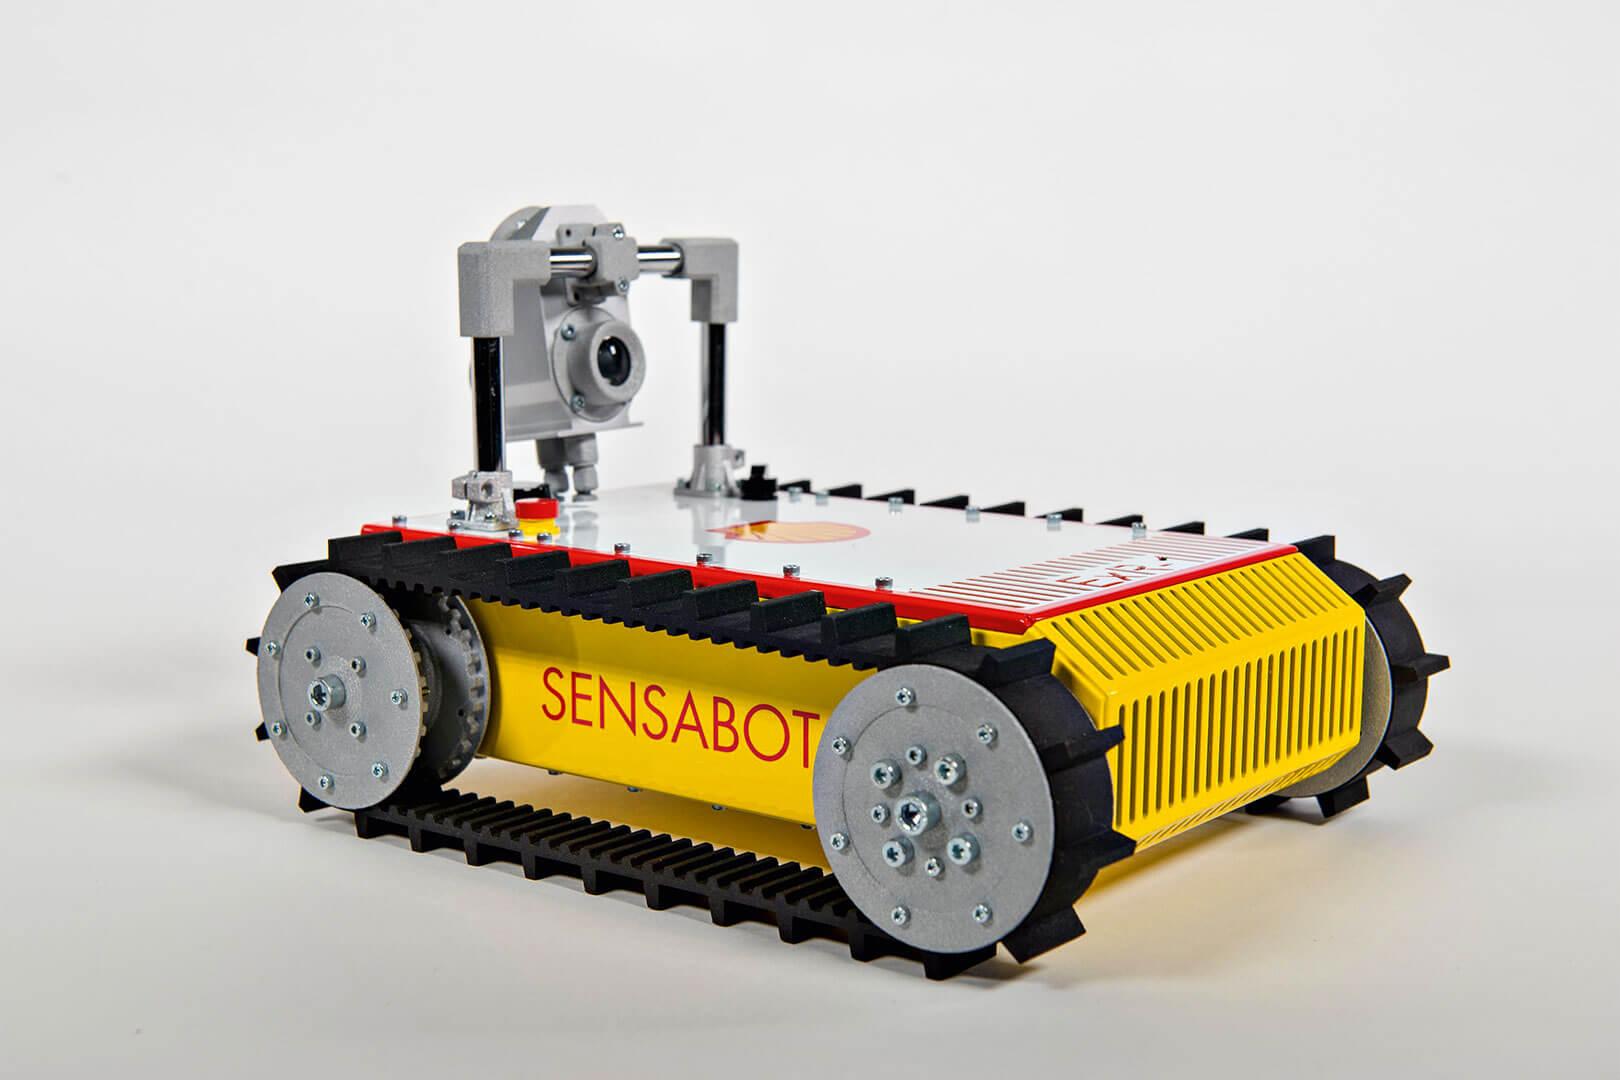 Replikat eines Roboters